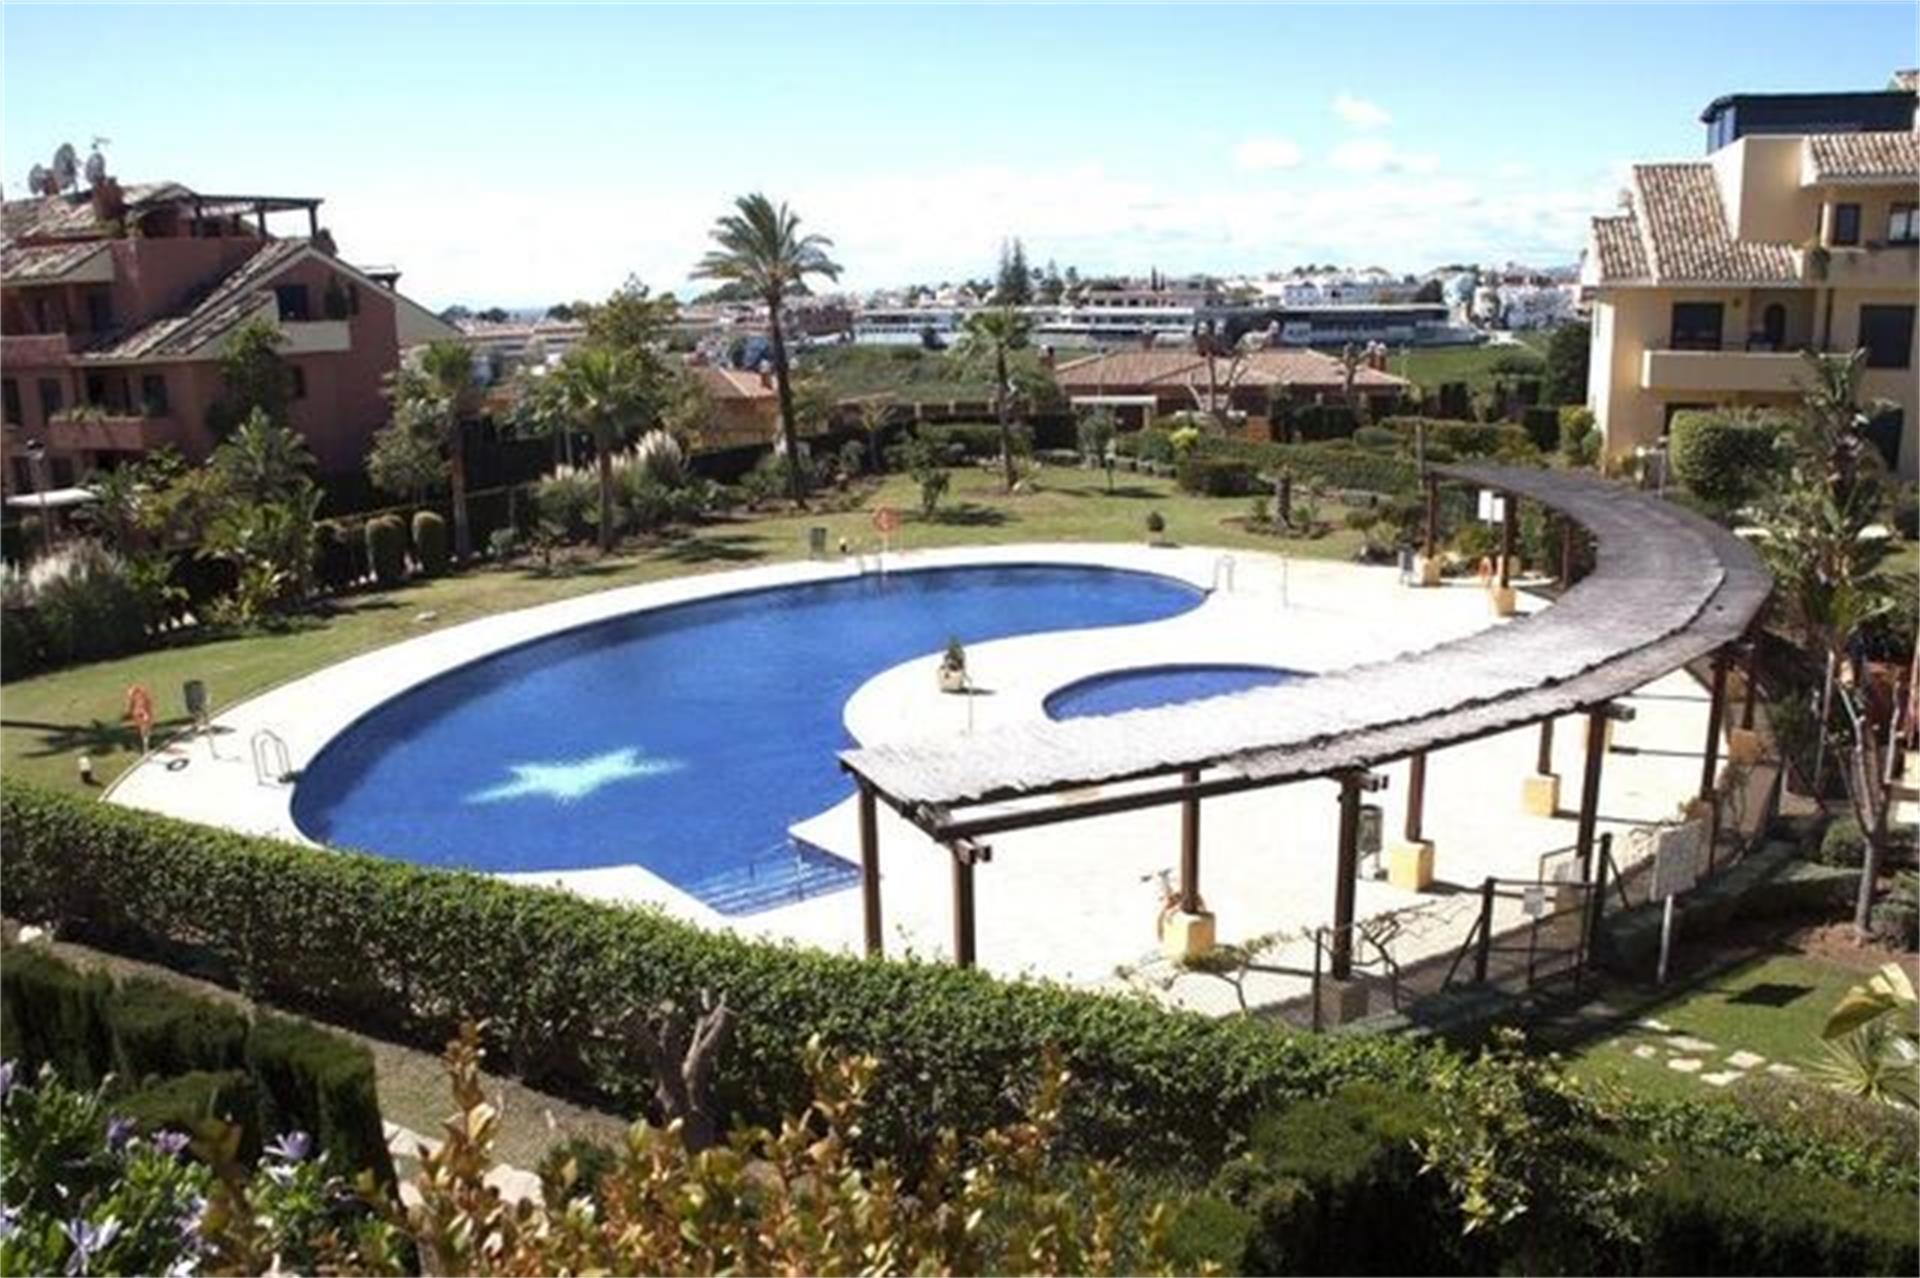 Piso de alquiler en Plaza del Estanque Bel Air - Cancelada - Saladillo (Bel-Air, Málaga)